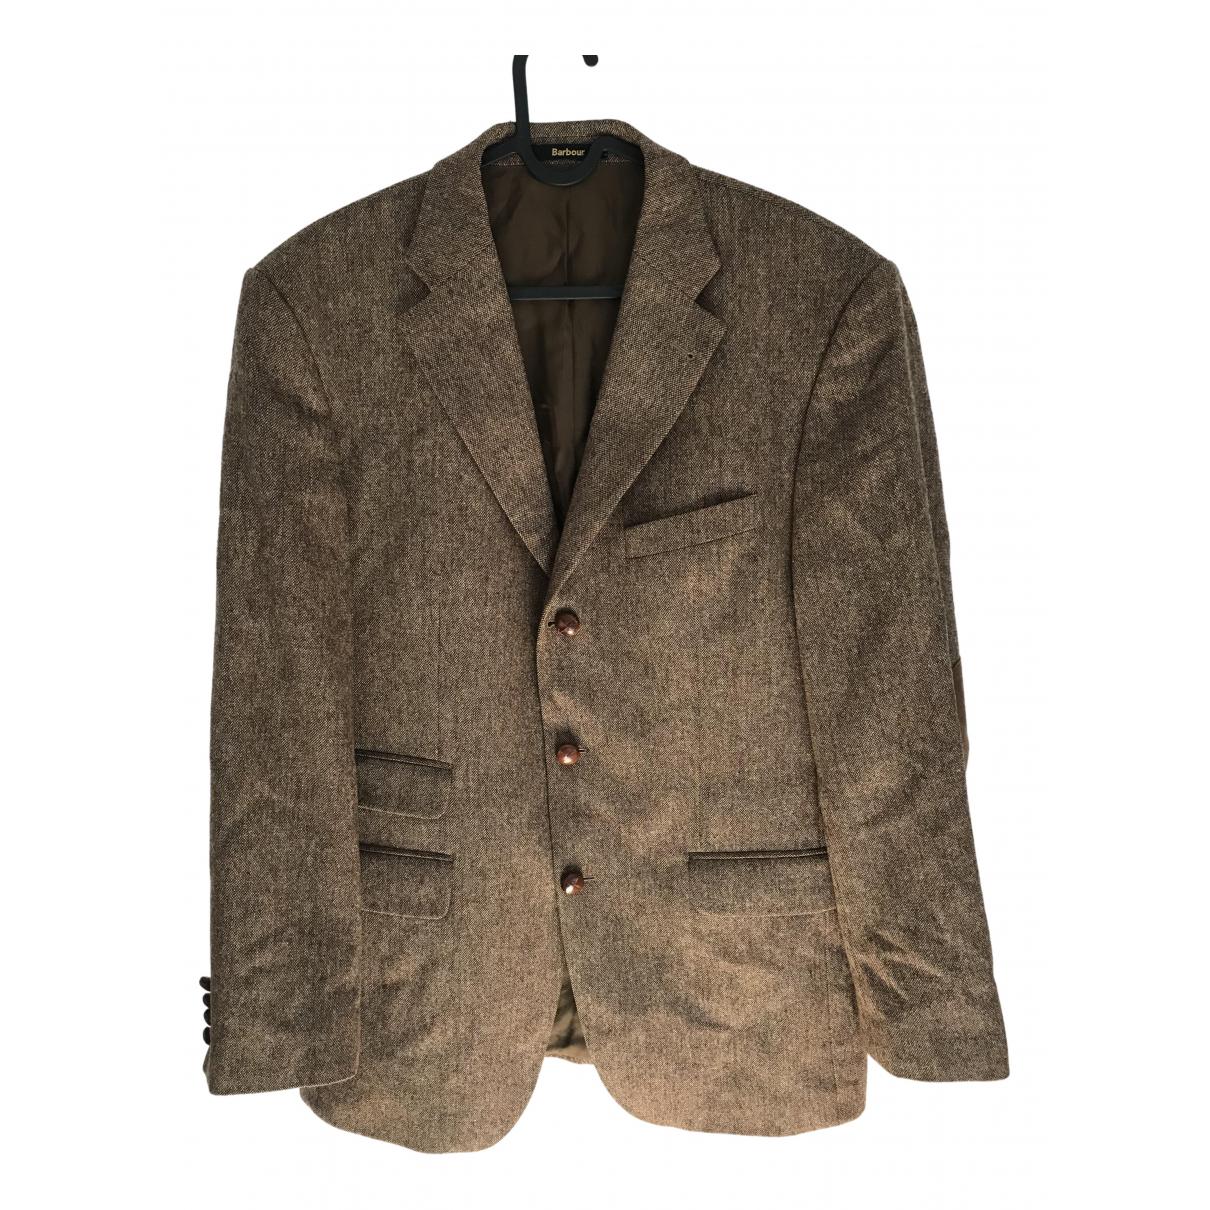 Barbour - Vestes.Blousons   pour homme en laine - marron